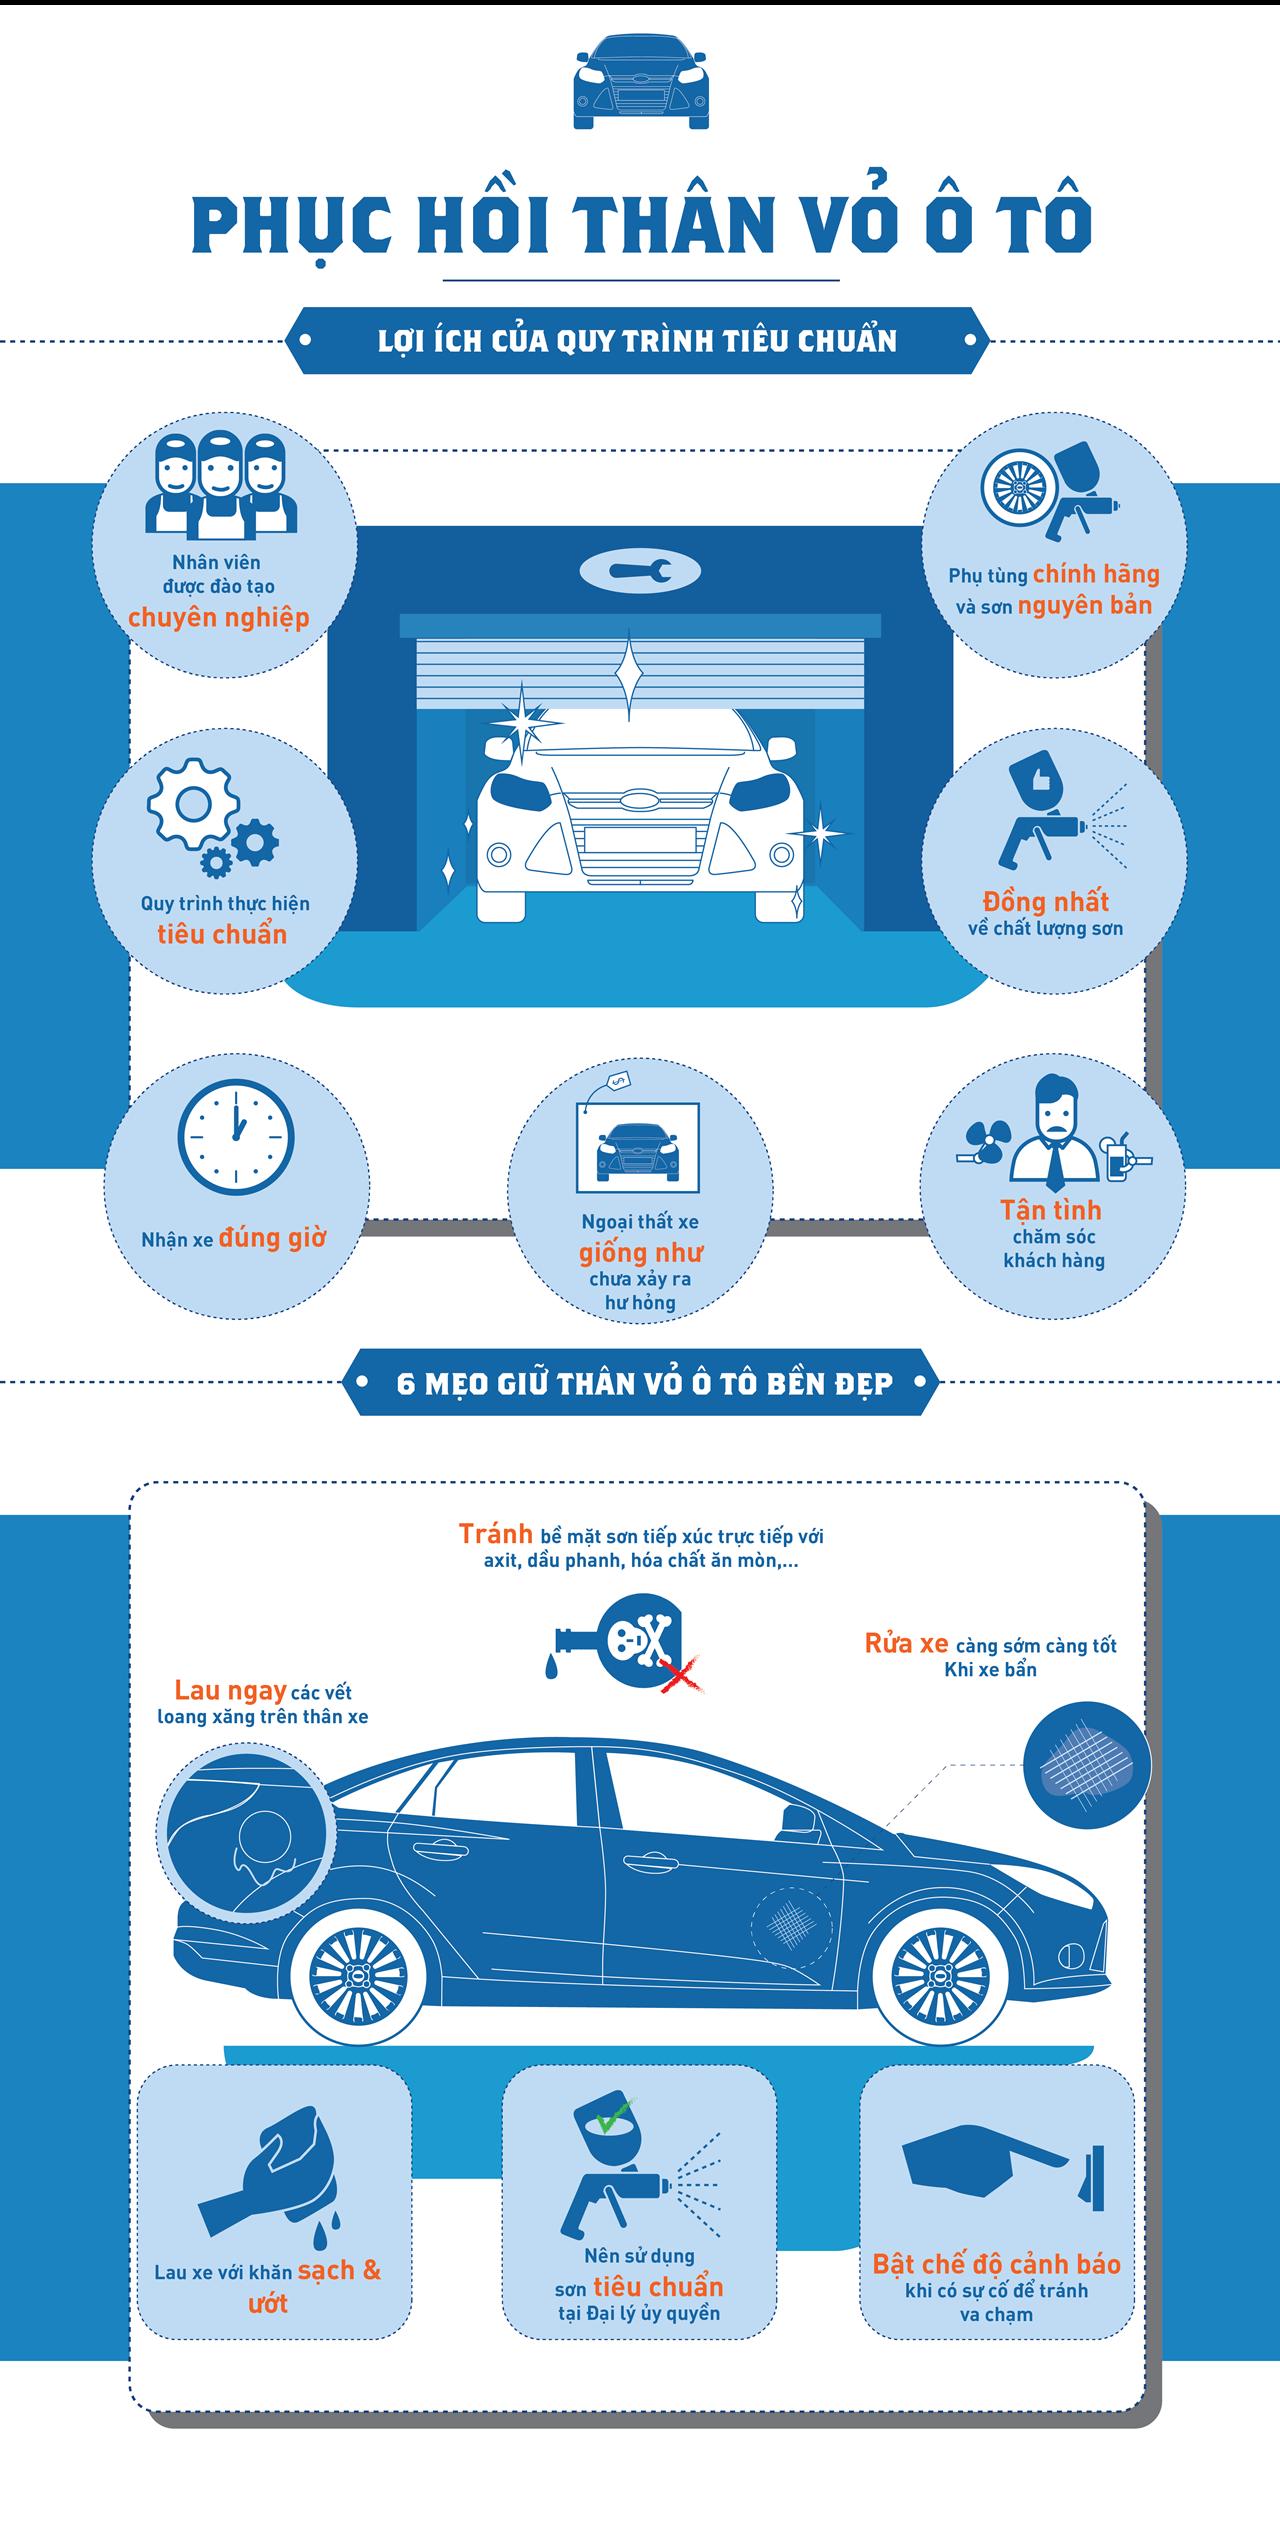 Bảo dưỡng xe ô tô - phục hồi thân vỏ